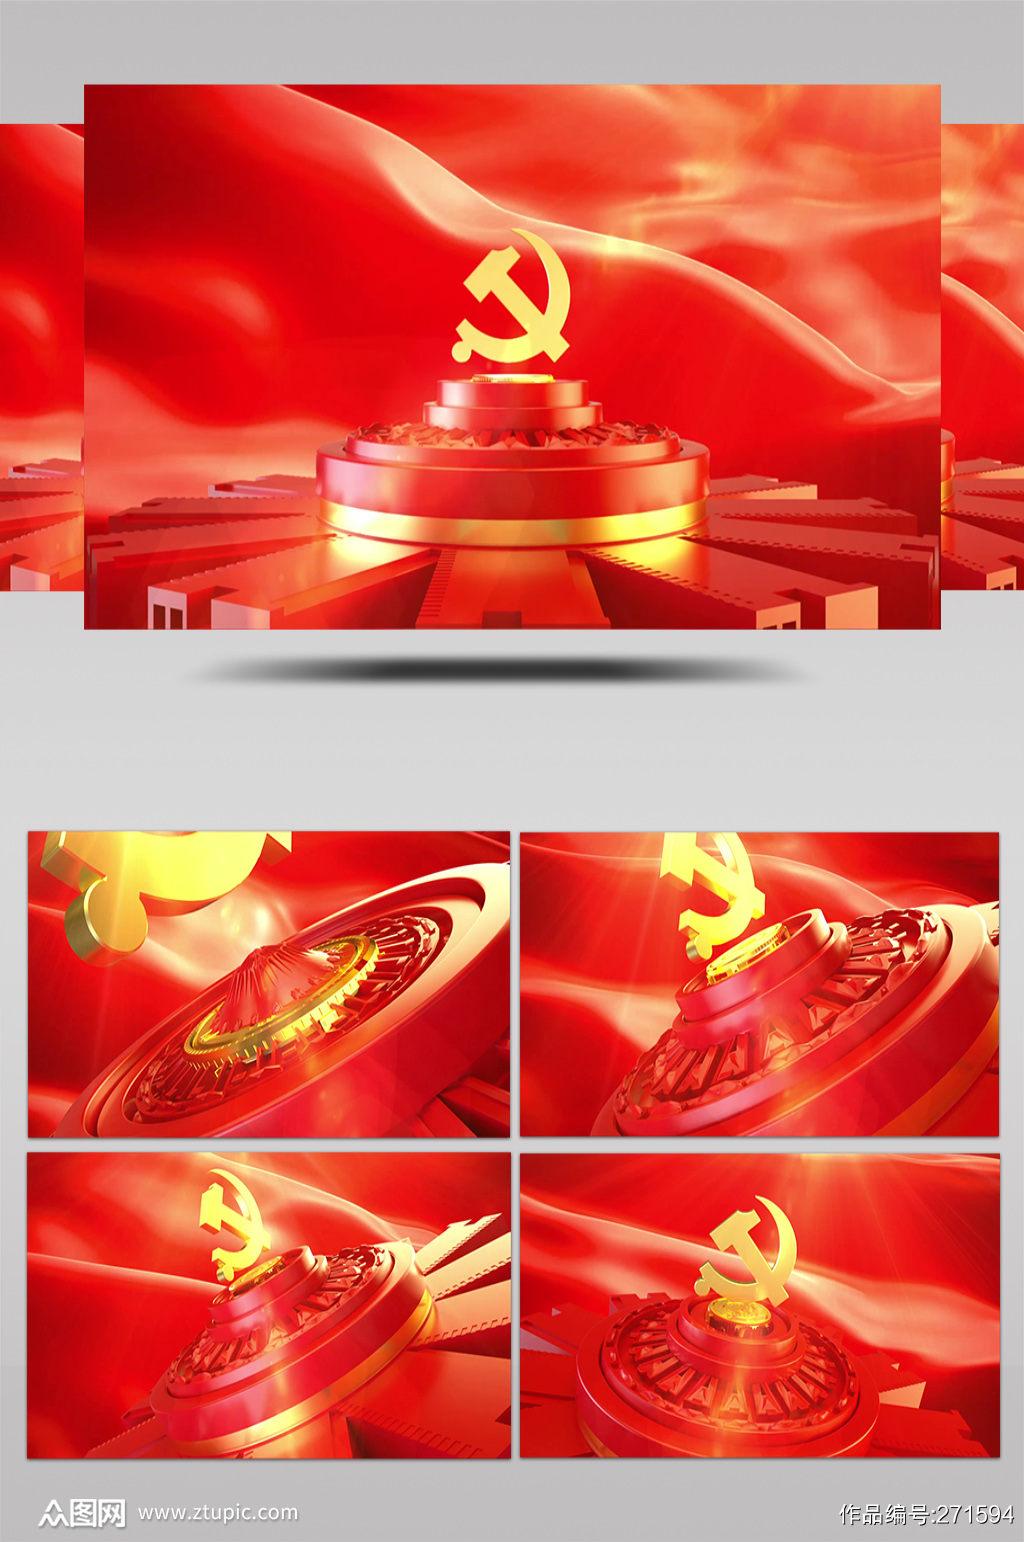 红色党建舞台视频素材